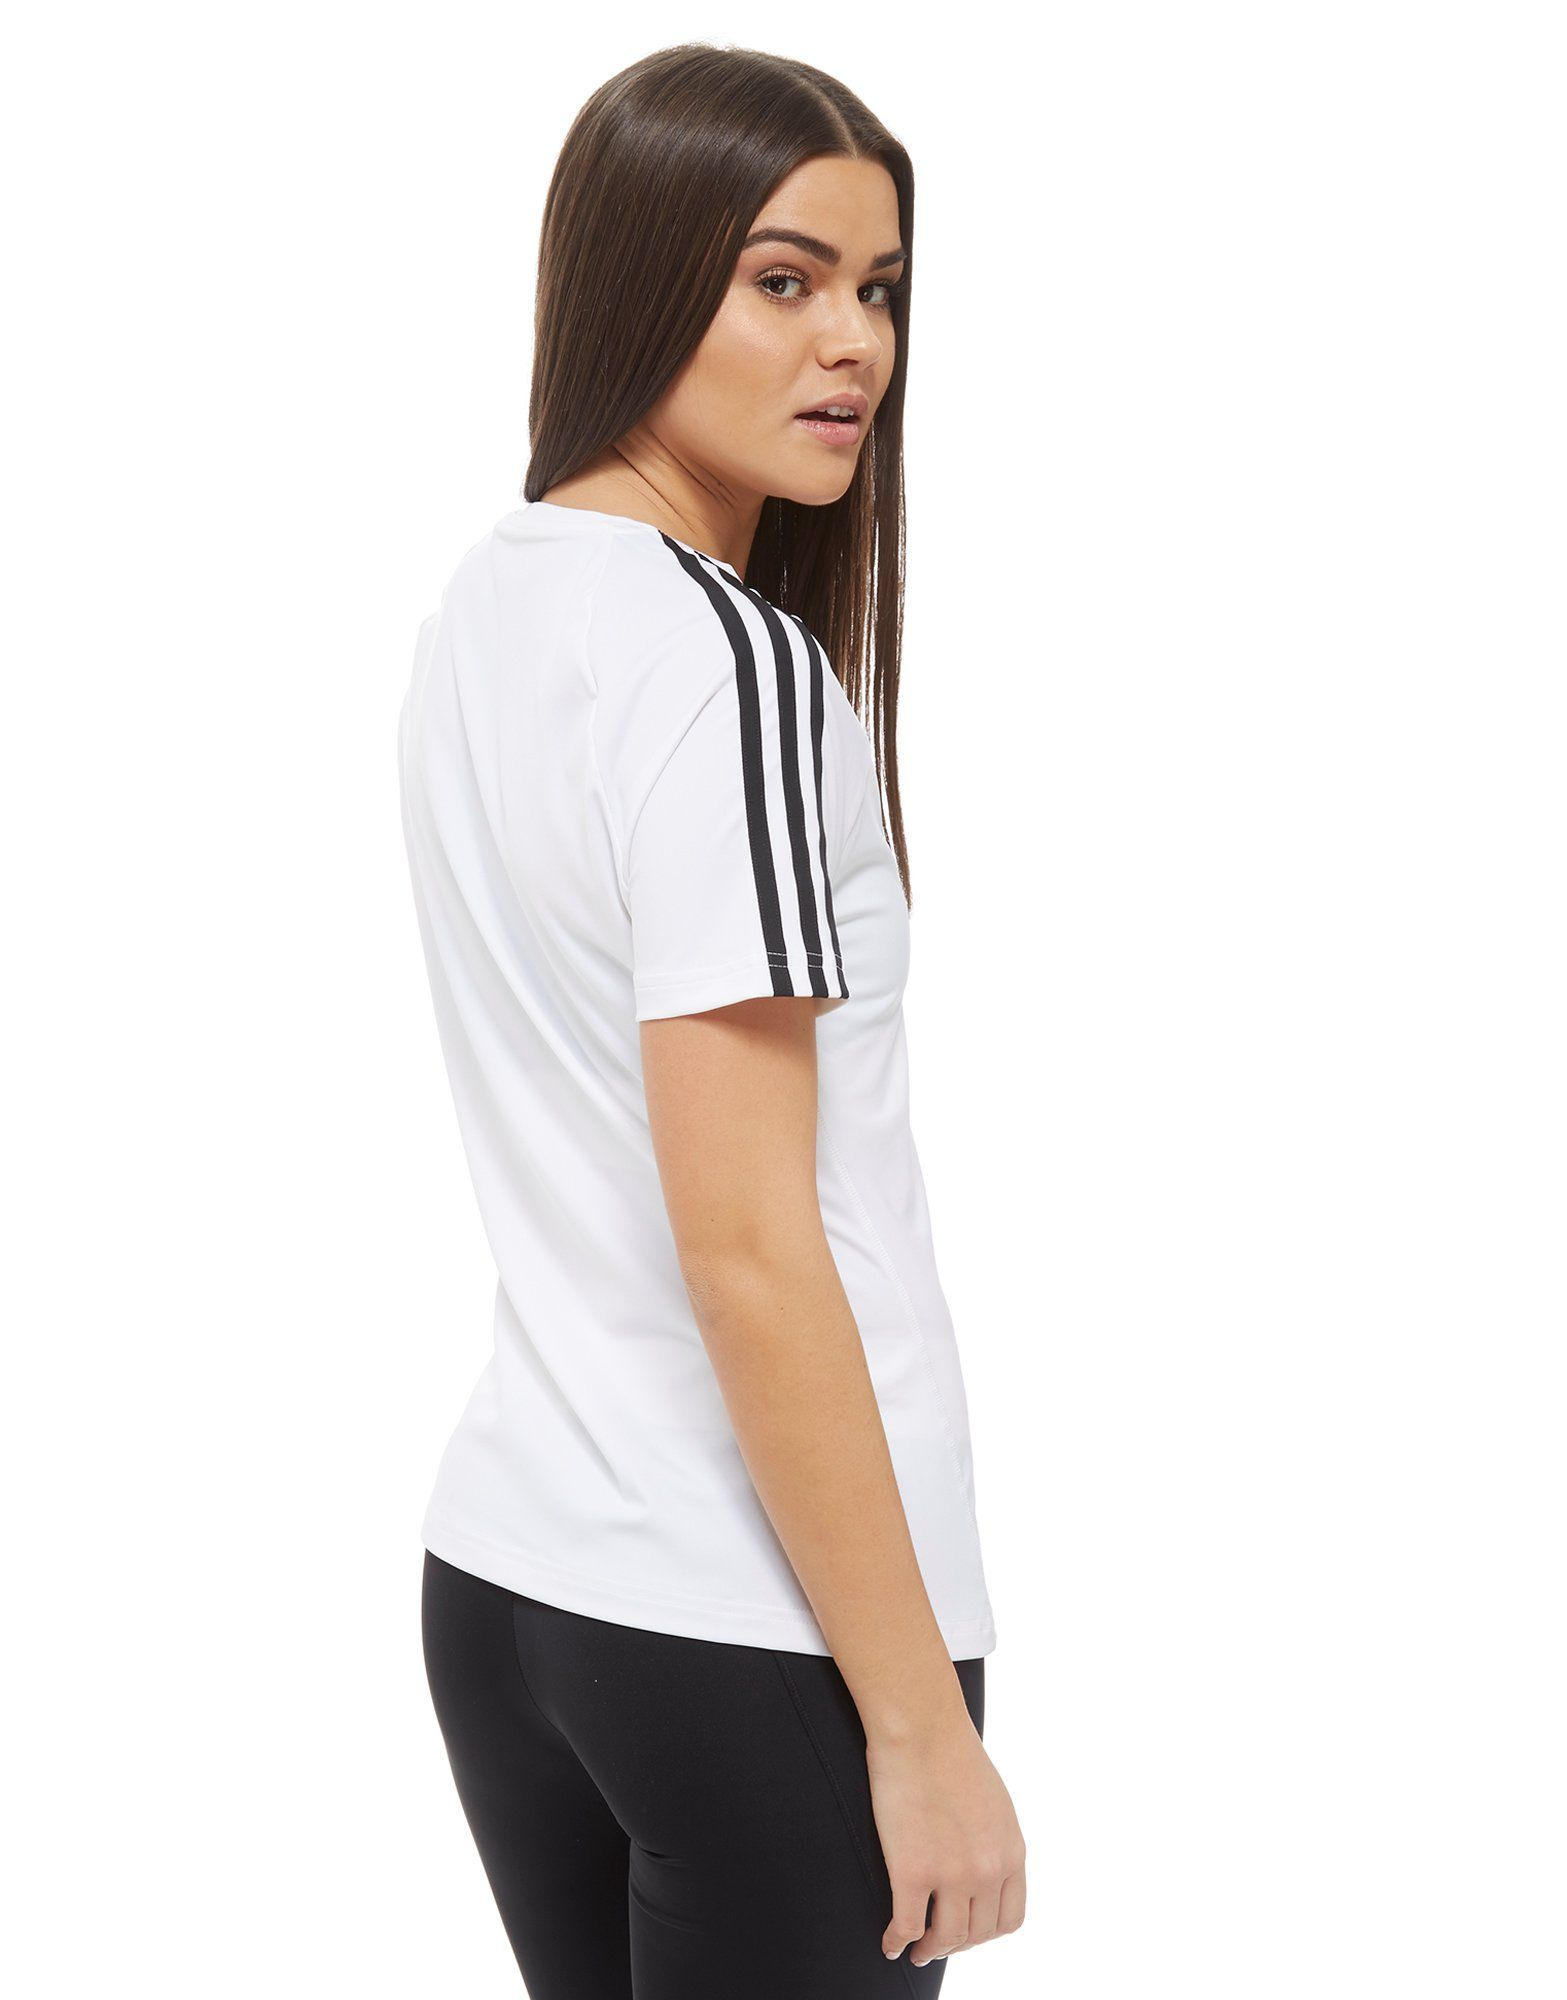 Shirt adidas 3 T 3 adidas Stripes Training T Training Weiss Shirt Stripes BvwZxq7rB